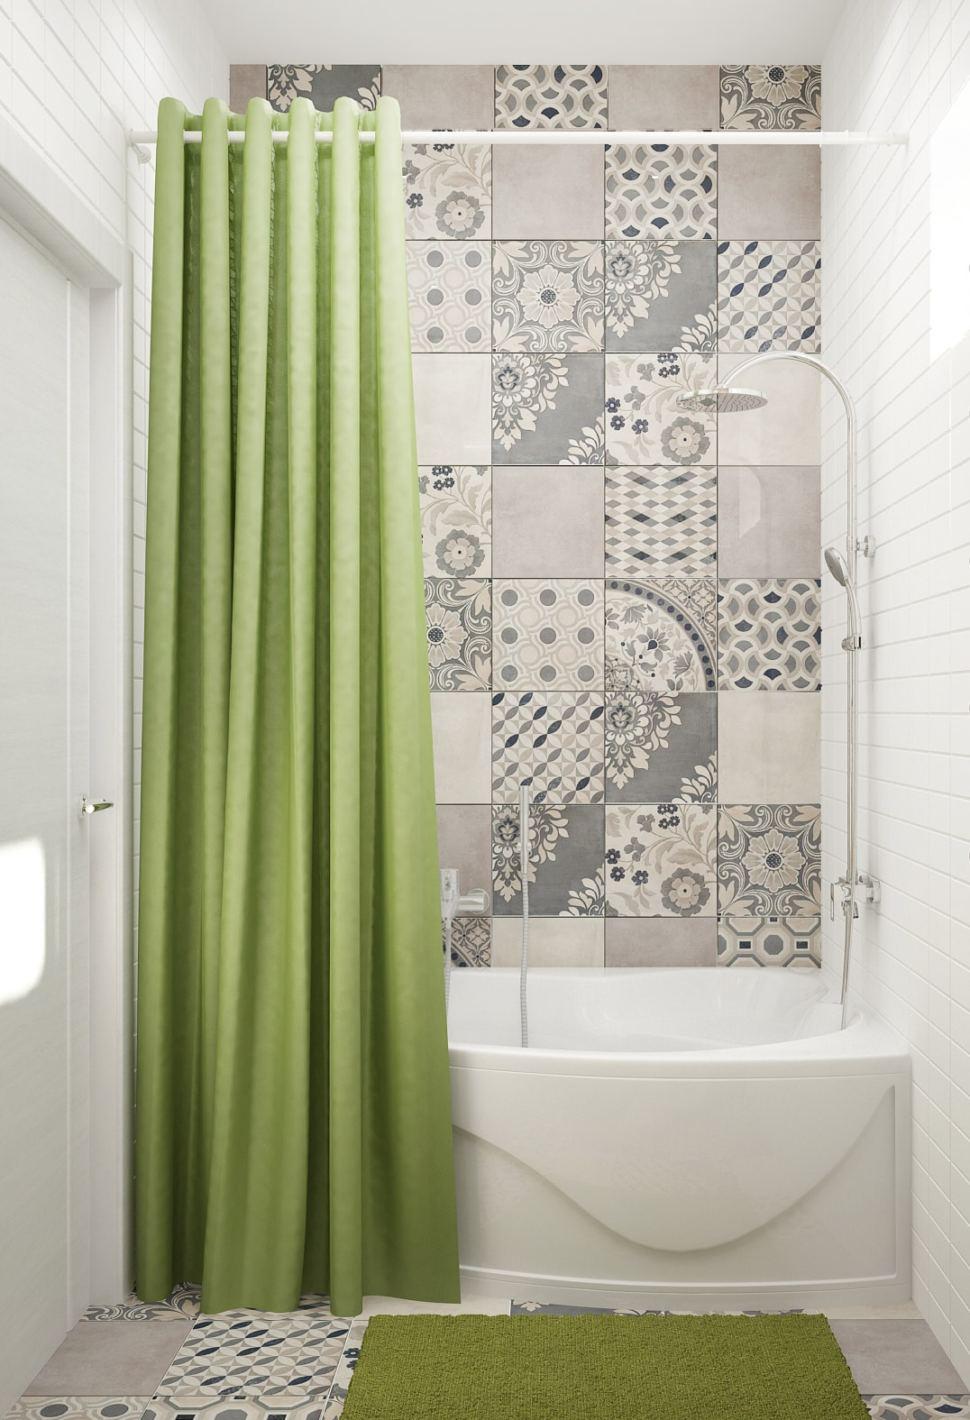 Дизайн-проект совмещённого санузла с ванной комнатой 5 кв.м с белыми оттенками, бежевая тумба, раковина, ванная, душ, унитаз